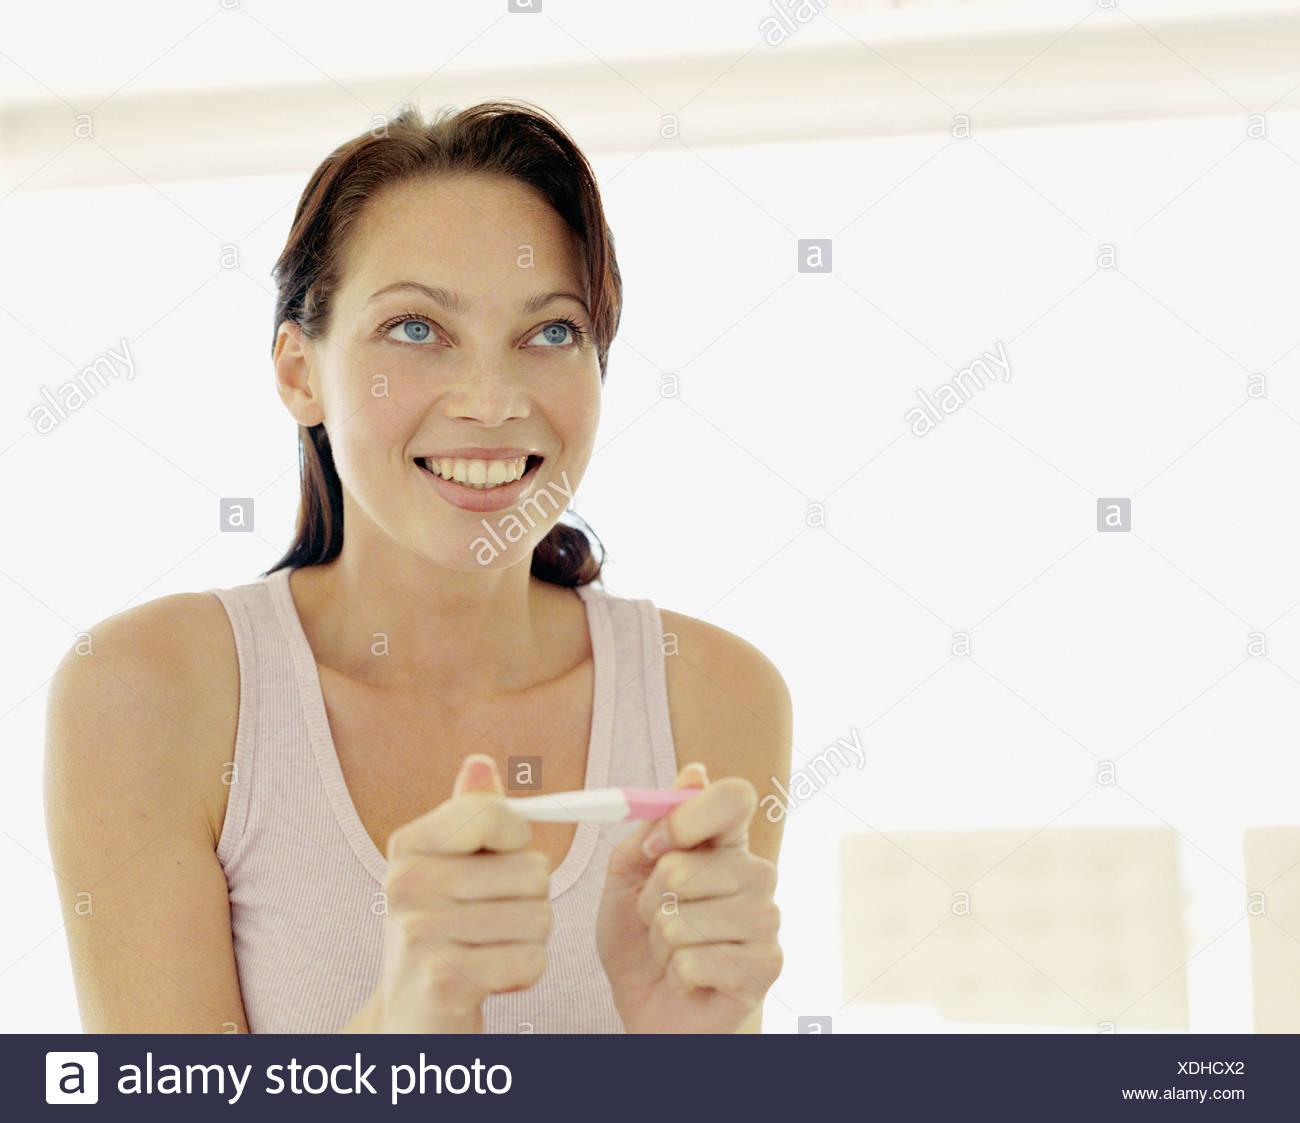 Une femme à la recherche à un test de grossesse Photo Stock